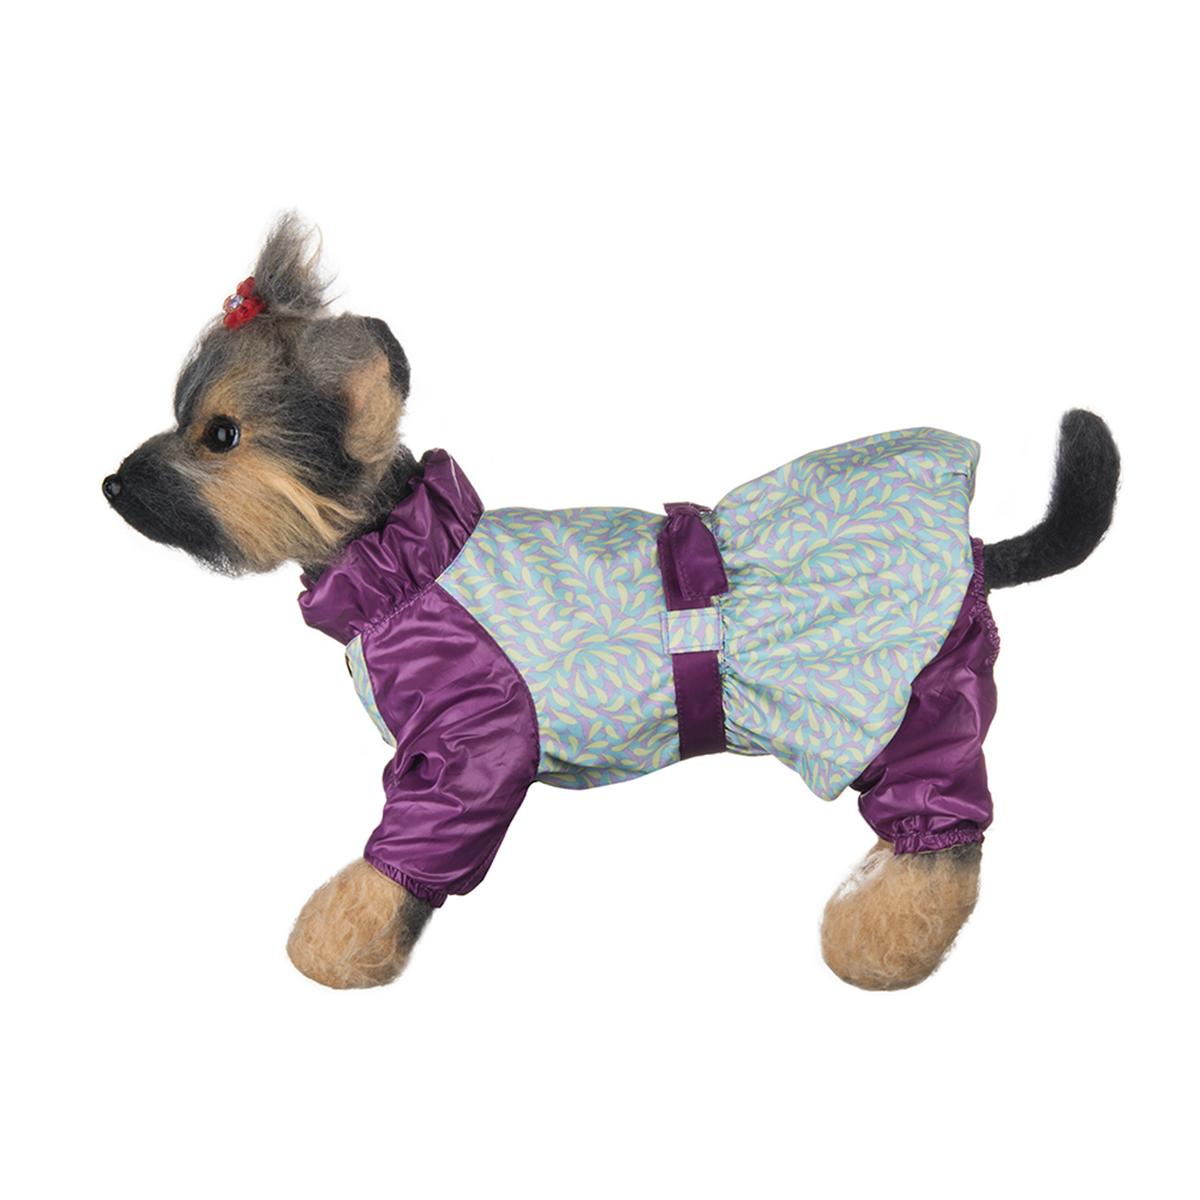 Комбинезон для собак Dogmoda Настроение, для девочки, цвет: фиолетовый, мятный, желтый. Размер 2 (M)12171996Нежный и романтичный комбинезон для собак Dogmoda Настроение отлично подойдет для прогулок в прохладную погоду.Комбинезон изготовлен из полиэстера, защищающего от ветра и осадков, с подкладкой из вискозы, которая сохранит обеспечит отличный воздухообмен. Комбинезон застегивается на кнопки, благодаря чему его легко надевать и снимать. Ворот, низ рукавов и брючин оснащены внутренними резинками, которые мягко обхватывают шею и лапки, не позволяя просачиваться холодному воздуху. На пояснице комбинезон затягивается на стильный ремень-кулиску. Изделие имеет очаровательную юбку и закрытый живот.Благодаря такому комбинезону простуда не грозит вашему питомцу и он не даст любимцу продрогнуть на прогулке.